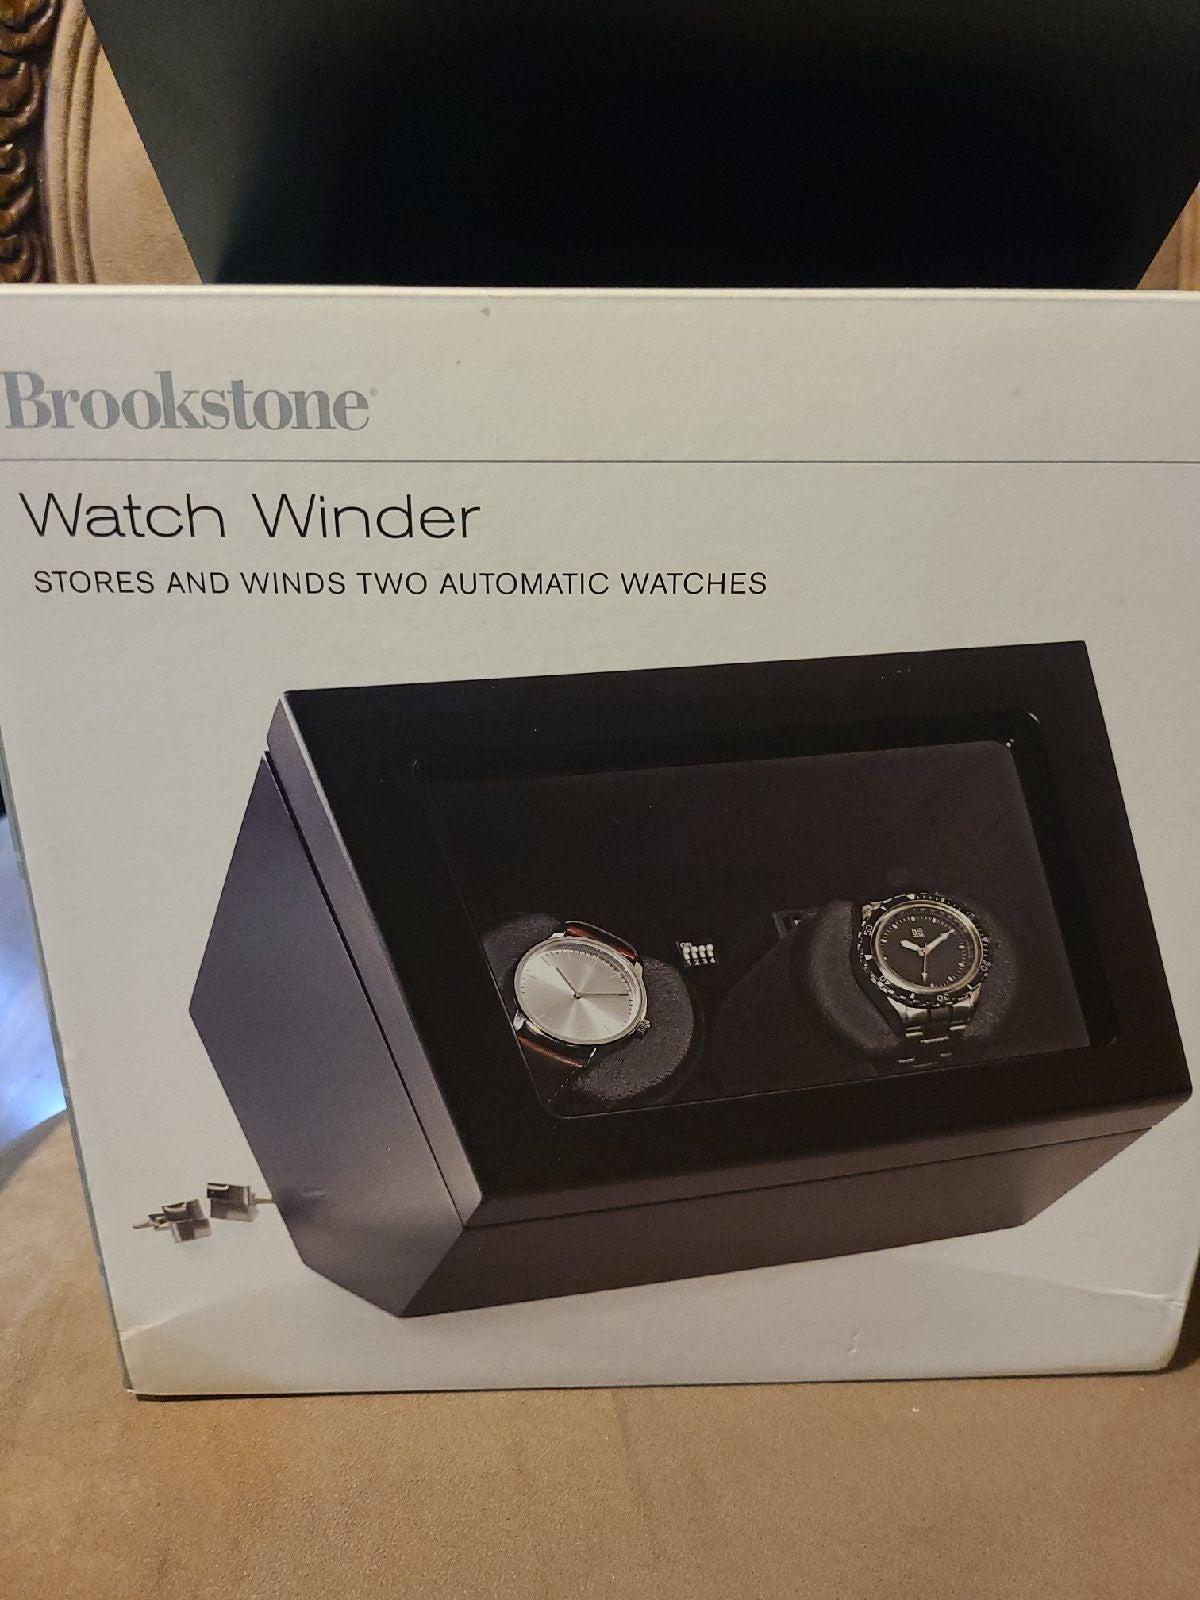 Brookstone Automatic Watch Winder